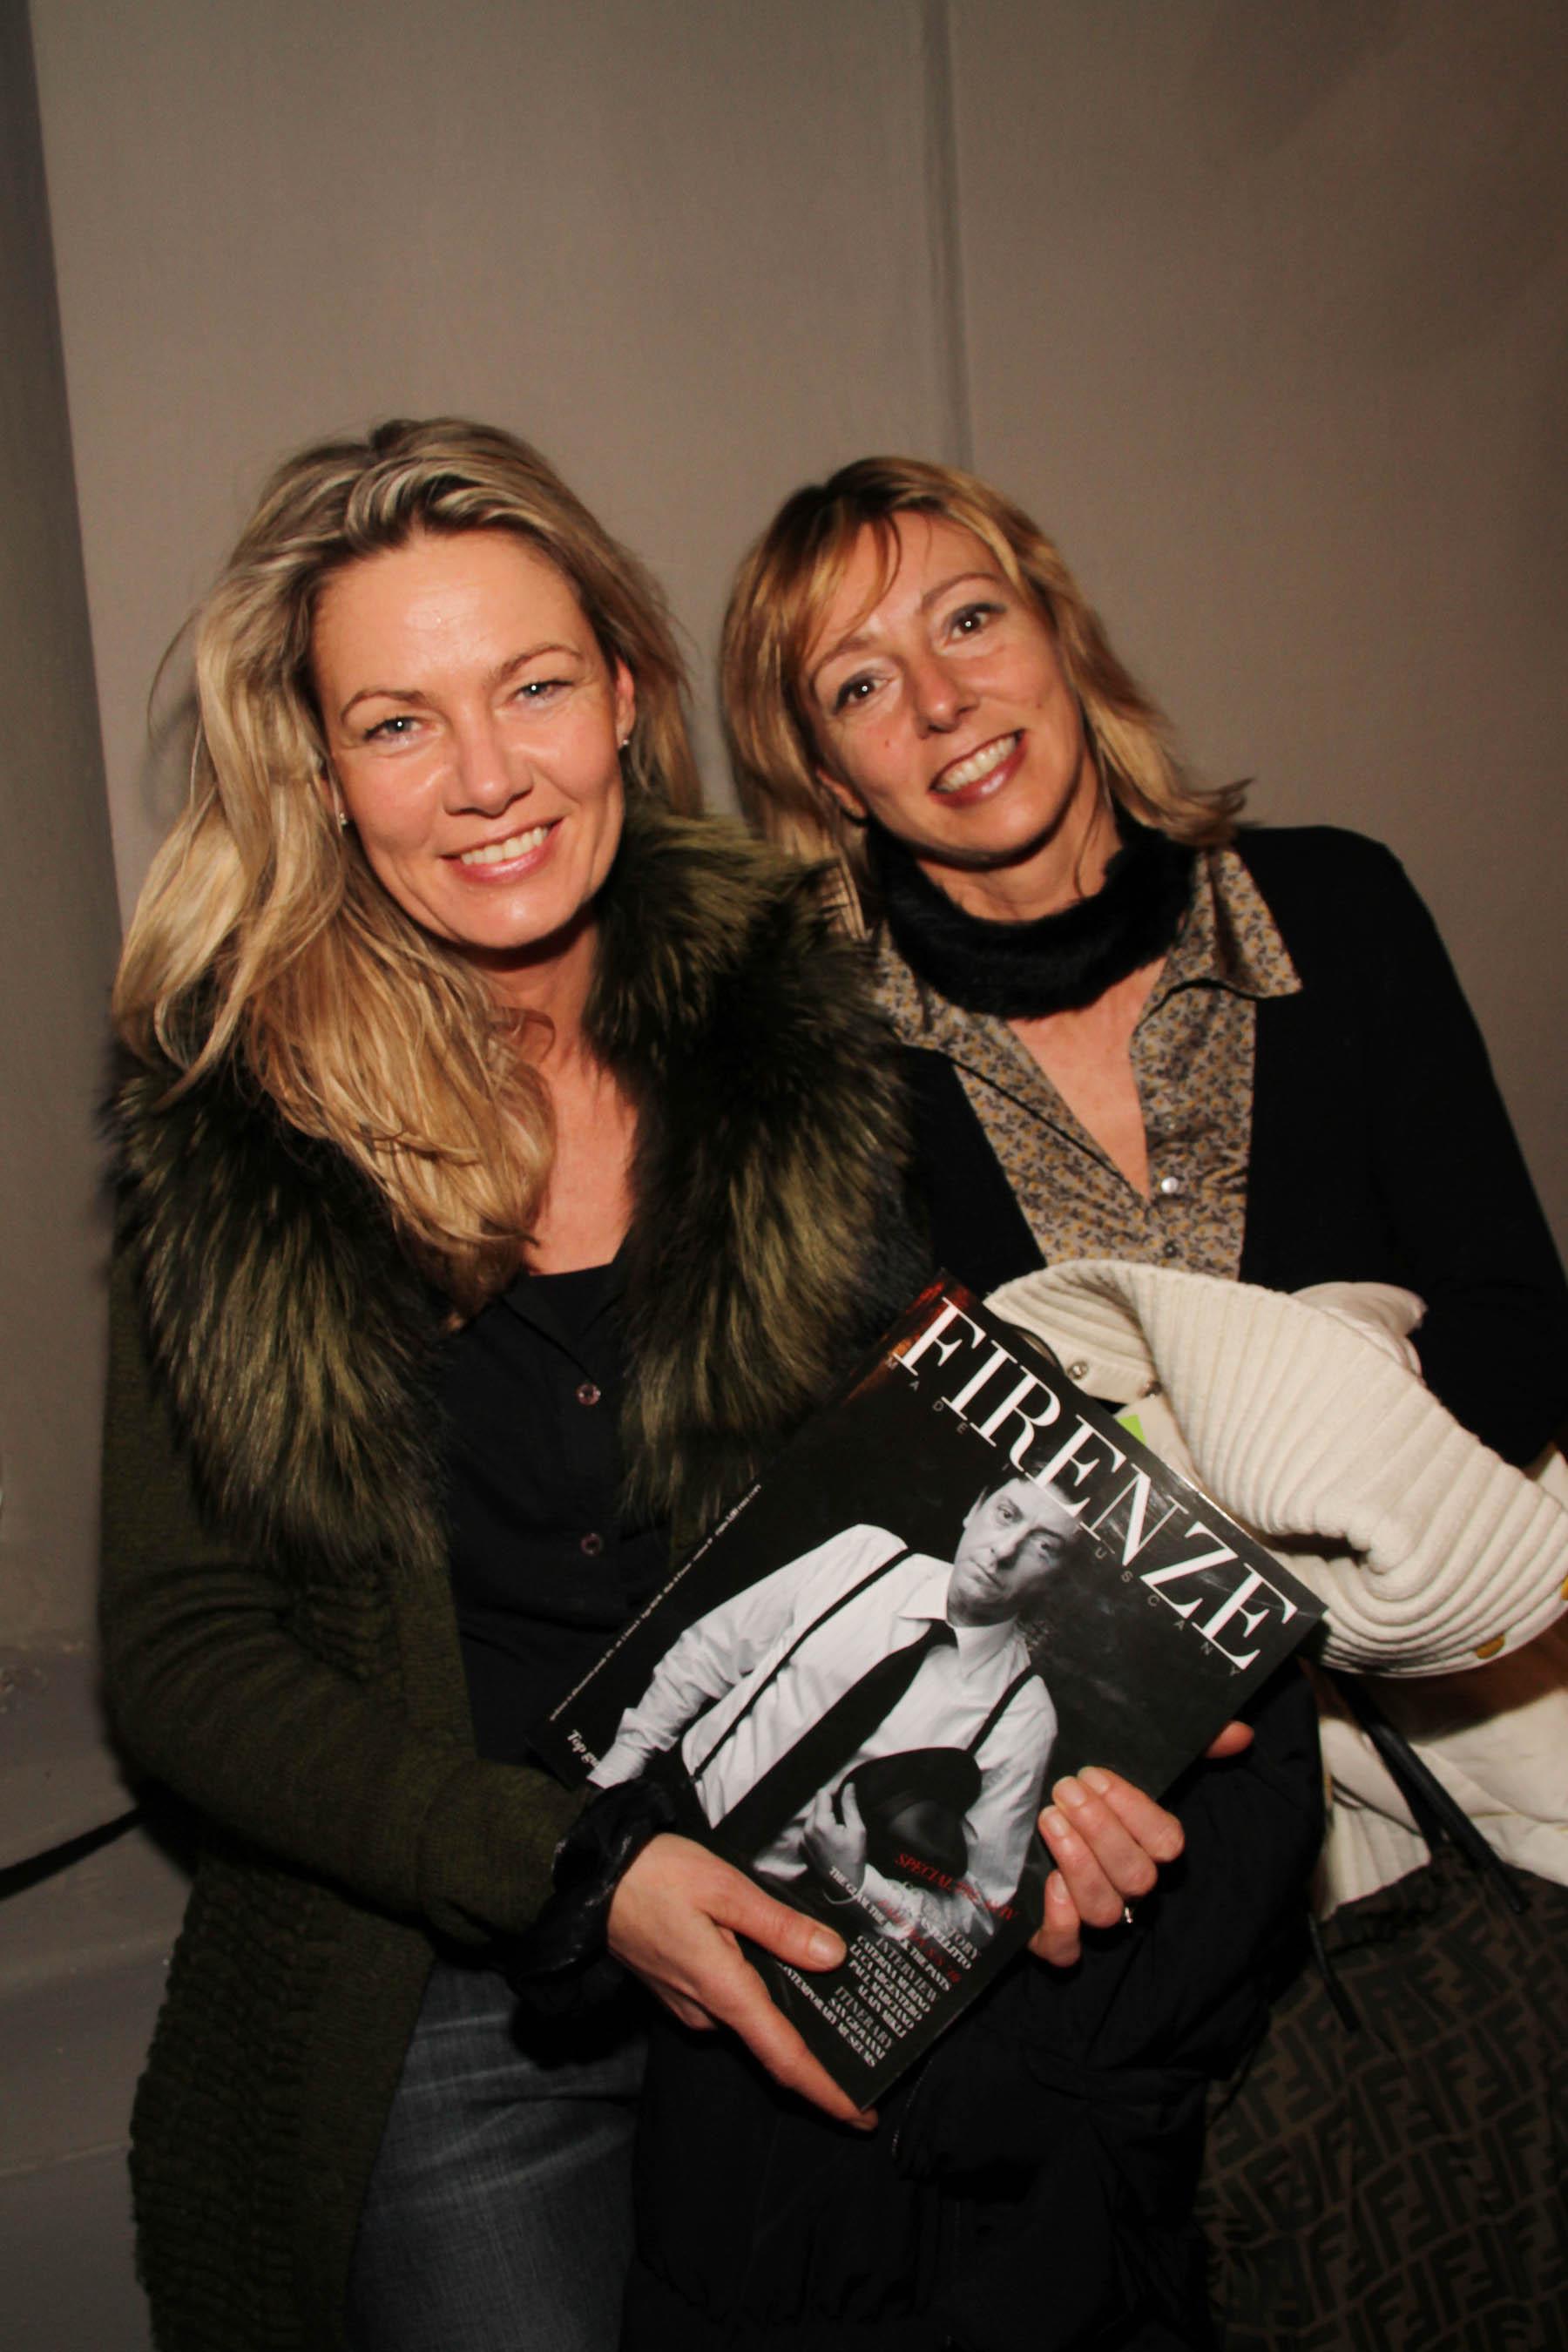 PRESSPHOTO Firenze, festa Firenze Magazine #13, For Gallery. Nella foto Tania Kolibius e Rossana Luzzi